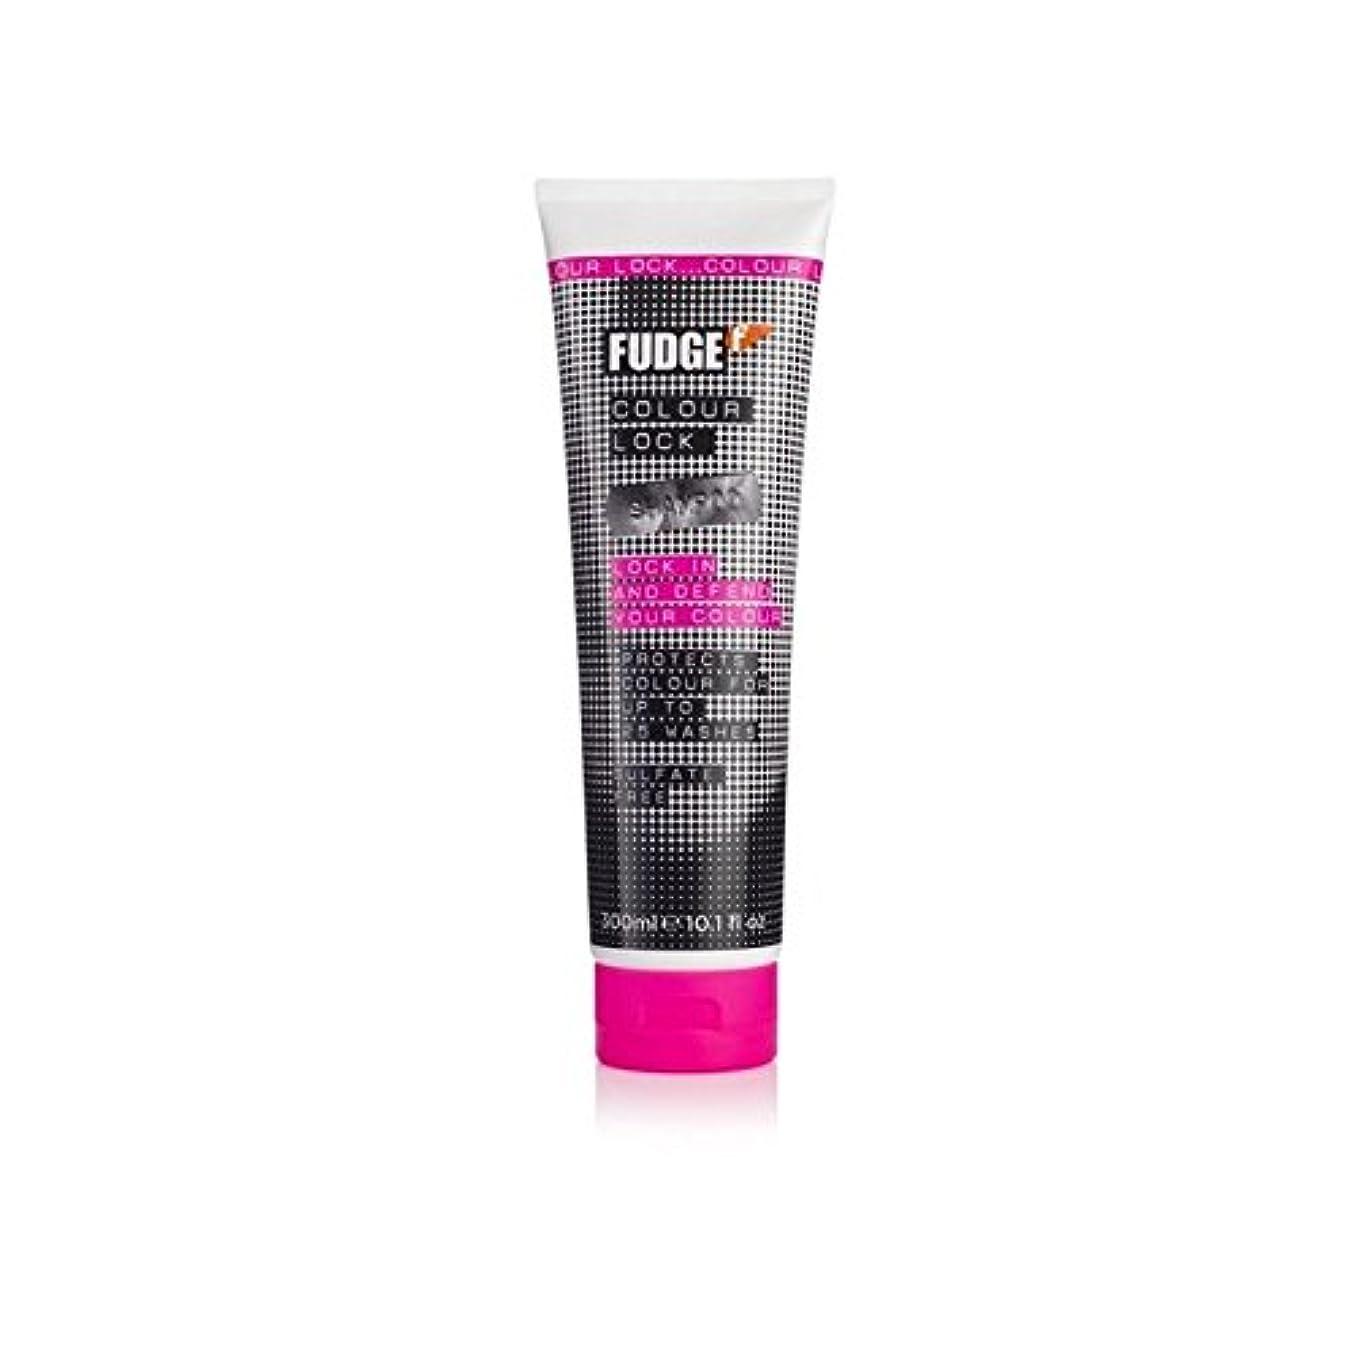 最初はミニ消すファッジ色ロックシャンプー(300ミリリットル) x4 - Fudge Colour Lock Shampoo (300ml) (Pack of 4) [並行輸入品]